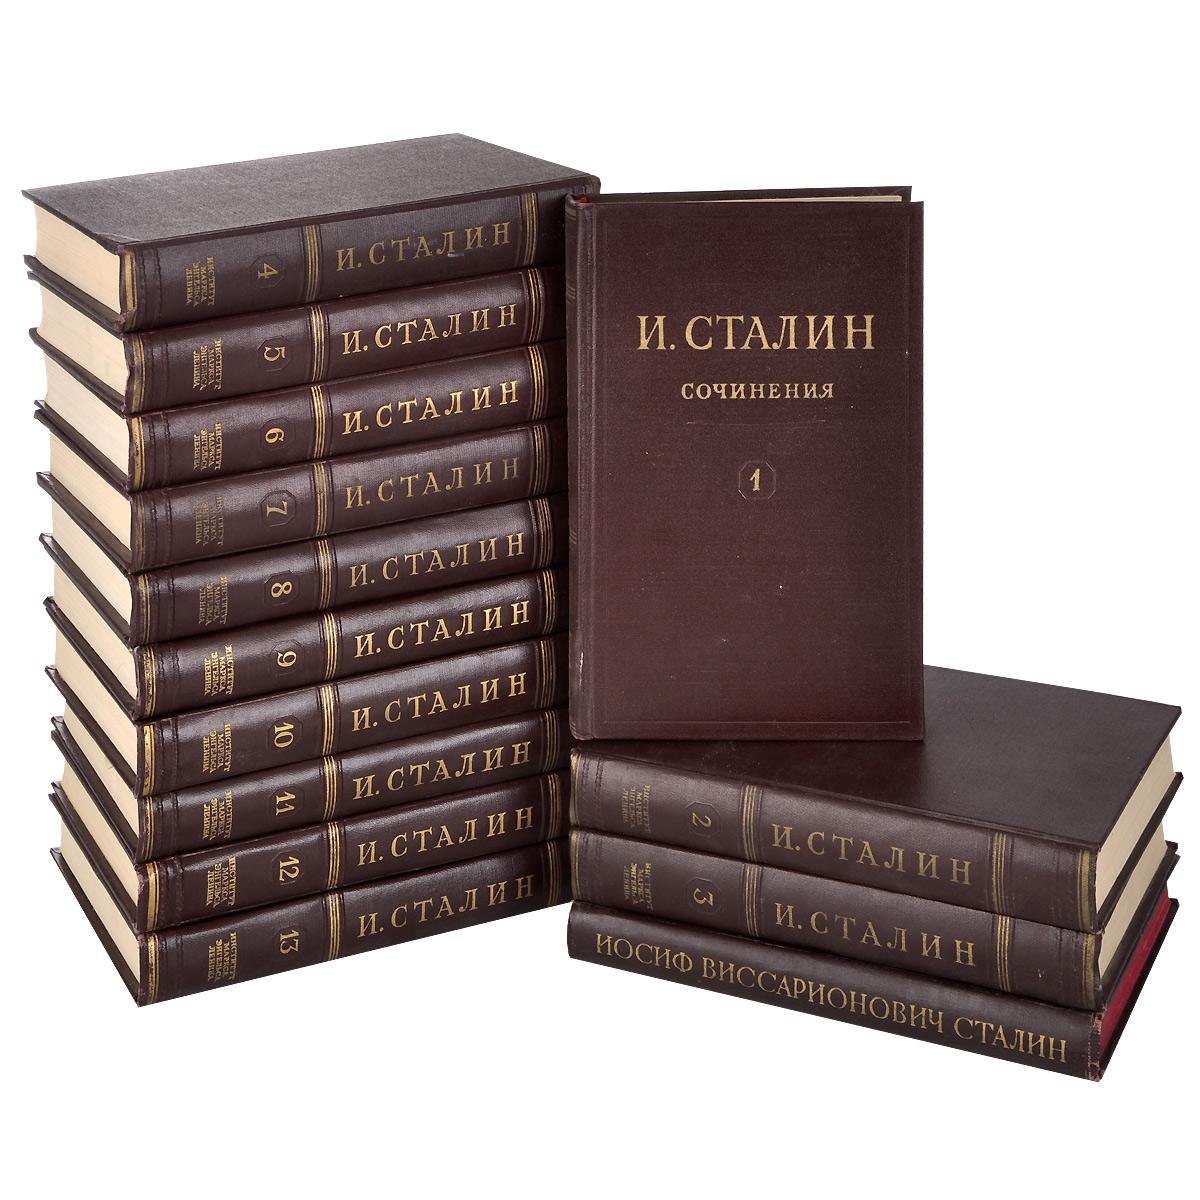 И. Сталин. Собрание сочинений в 13 томах. Краткая биография (комплект из 14 книг) александр дюма собрание сочинений в 46 томах тома 1 10 комплект из 10 книг